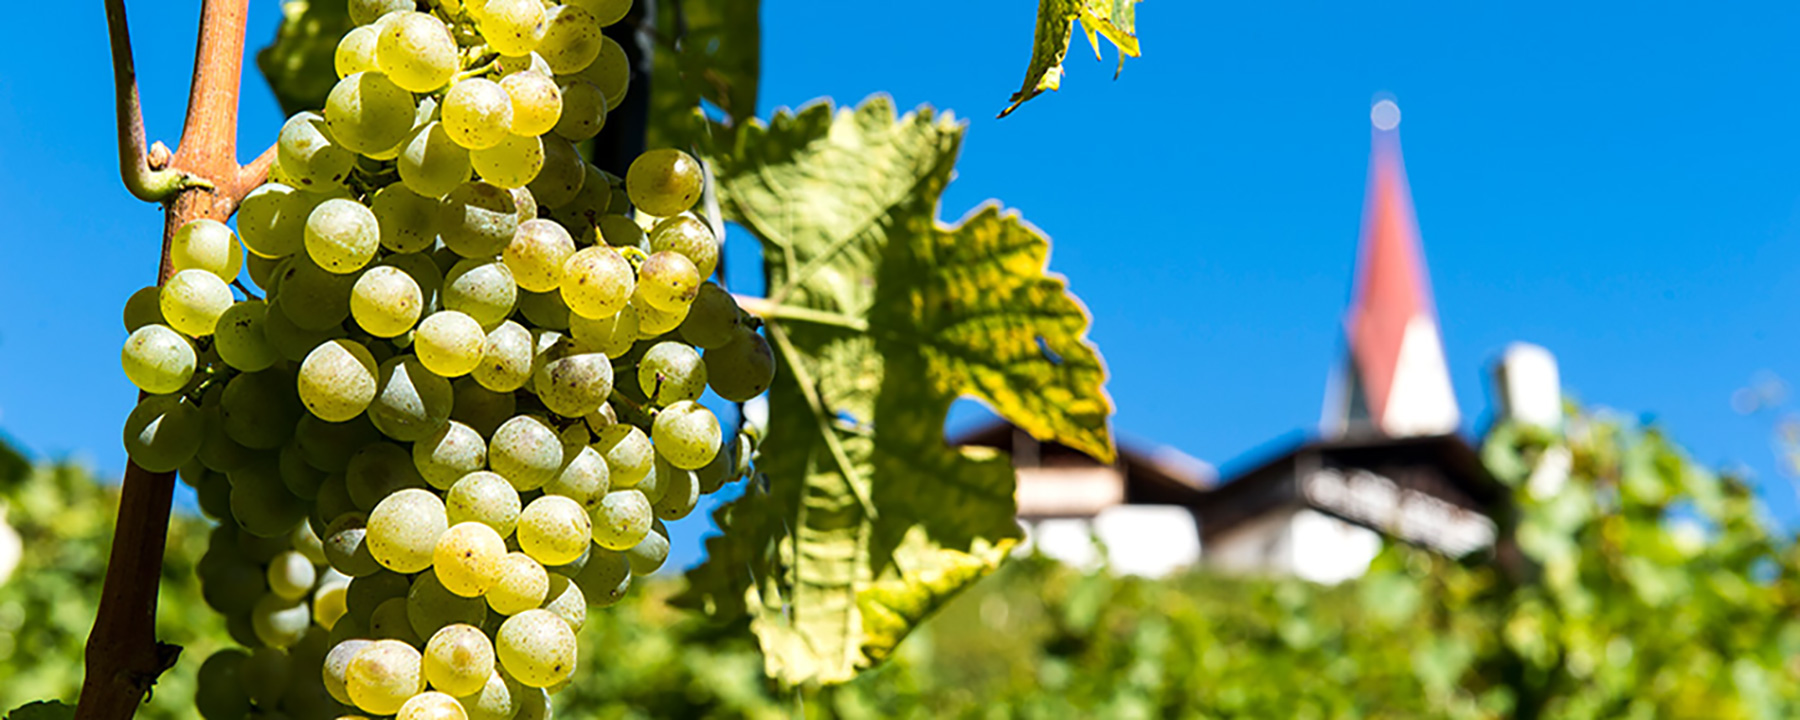 Weintrauben in Südtirol - Villanders